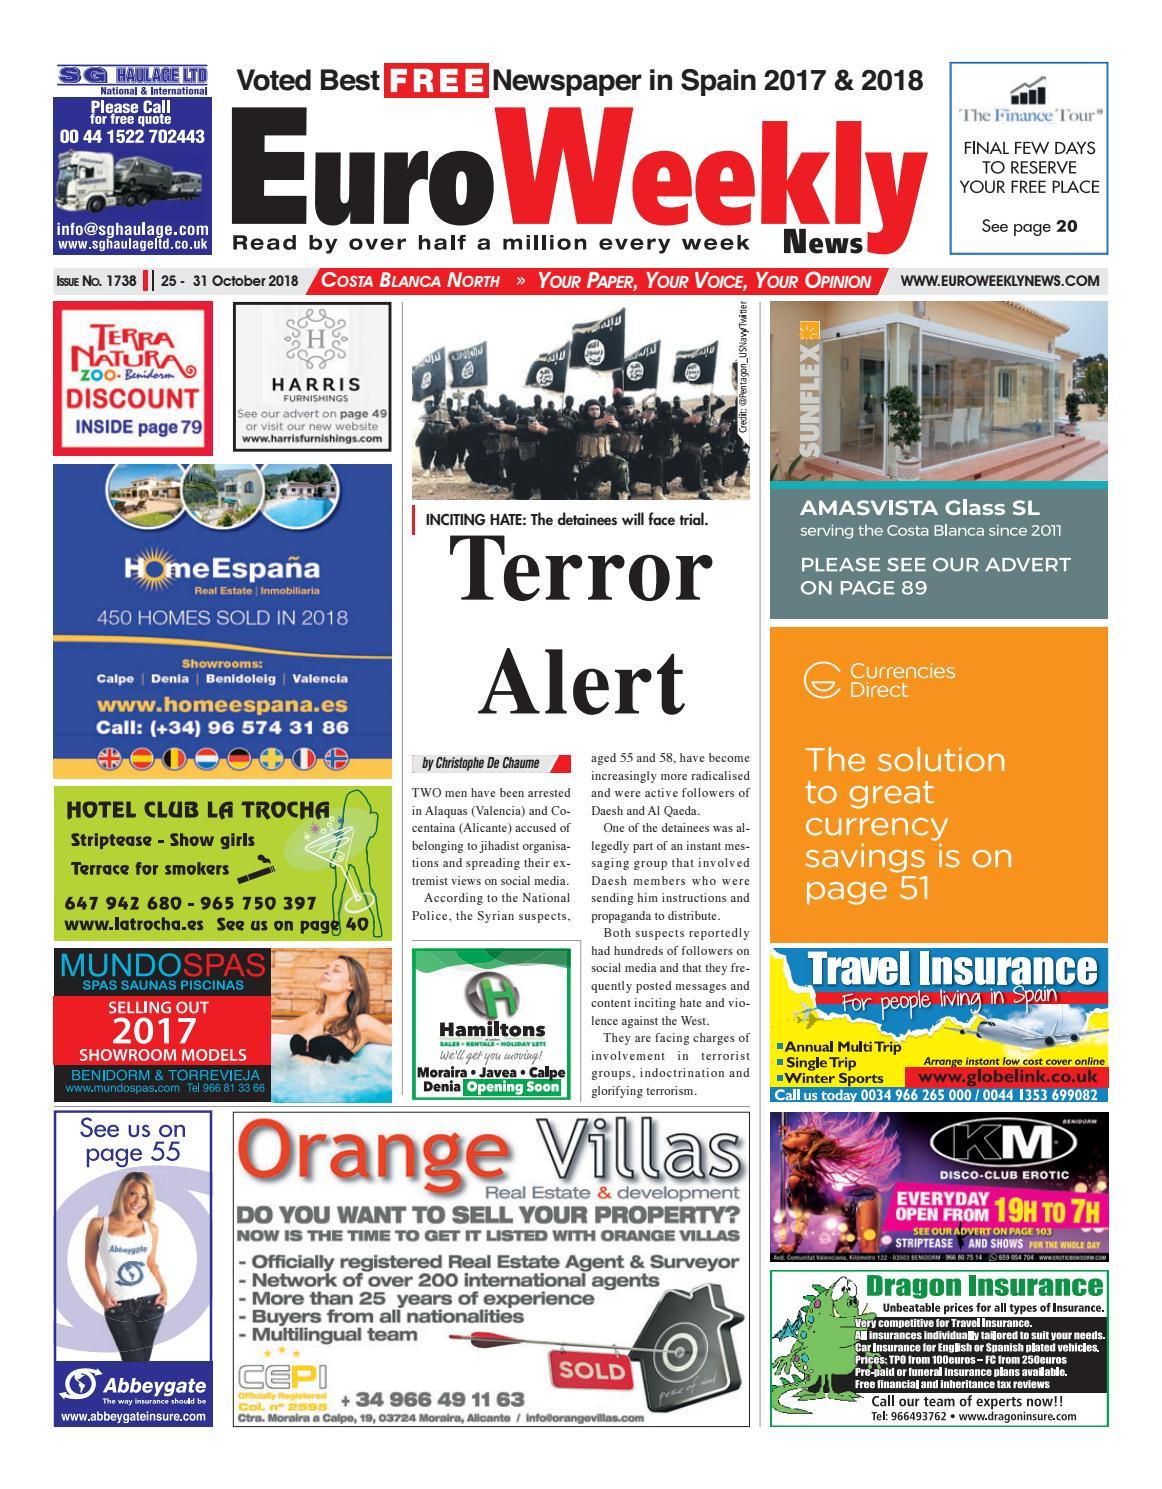 Euro Weekly News Costa de Almeria 25 31 July 2019 Issue